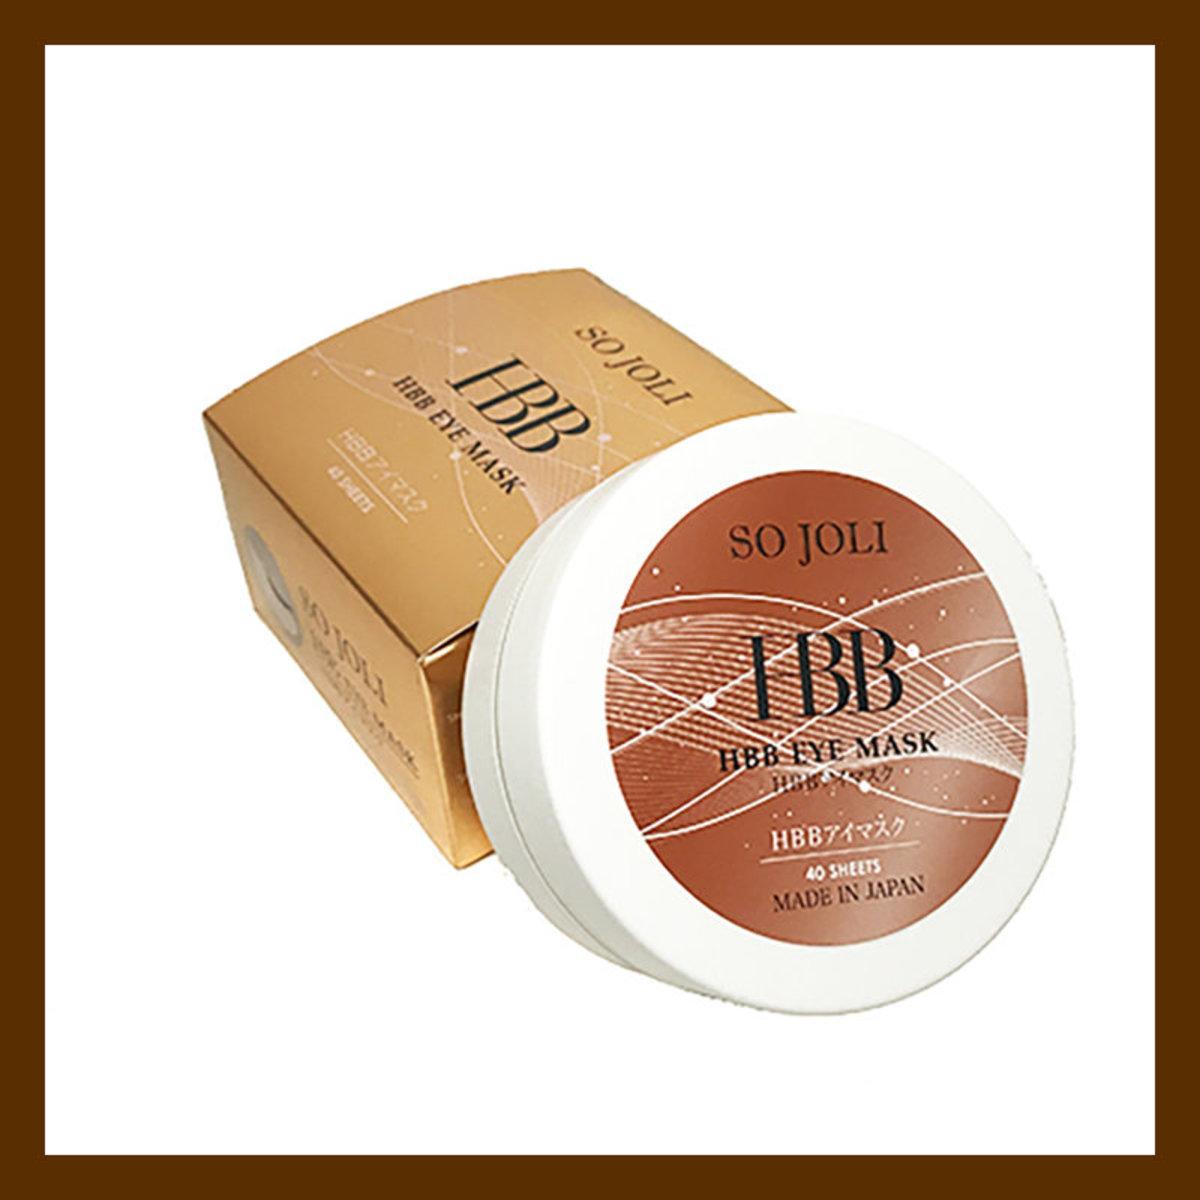 日本 SO JOLI HBB Eye Mask 初生臍帶血眼膜 (1盒40片)(4562153220996)